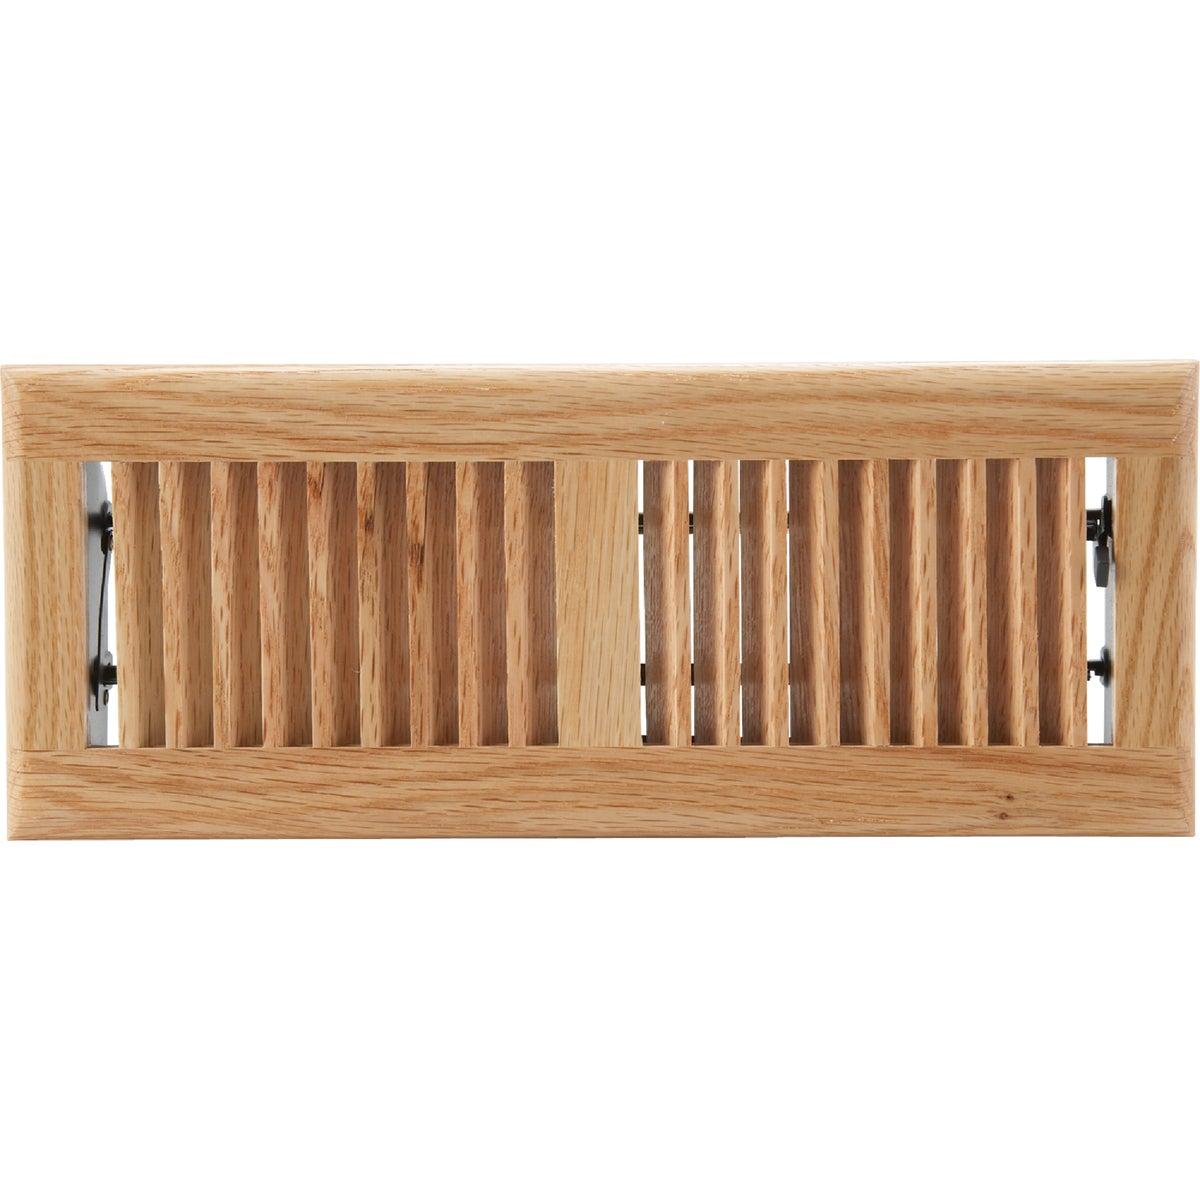 Home Impressions Contemporary Oak Floor Register, WF0412L0